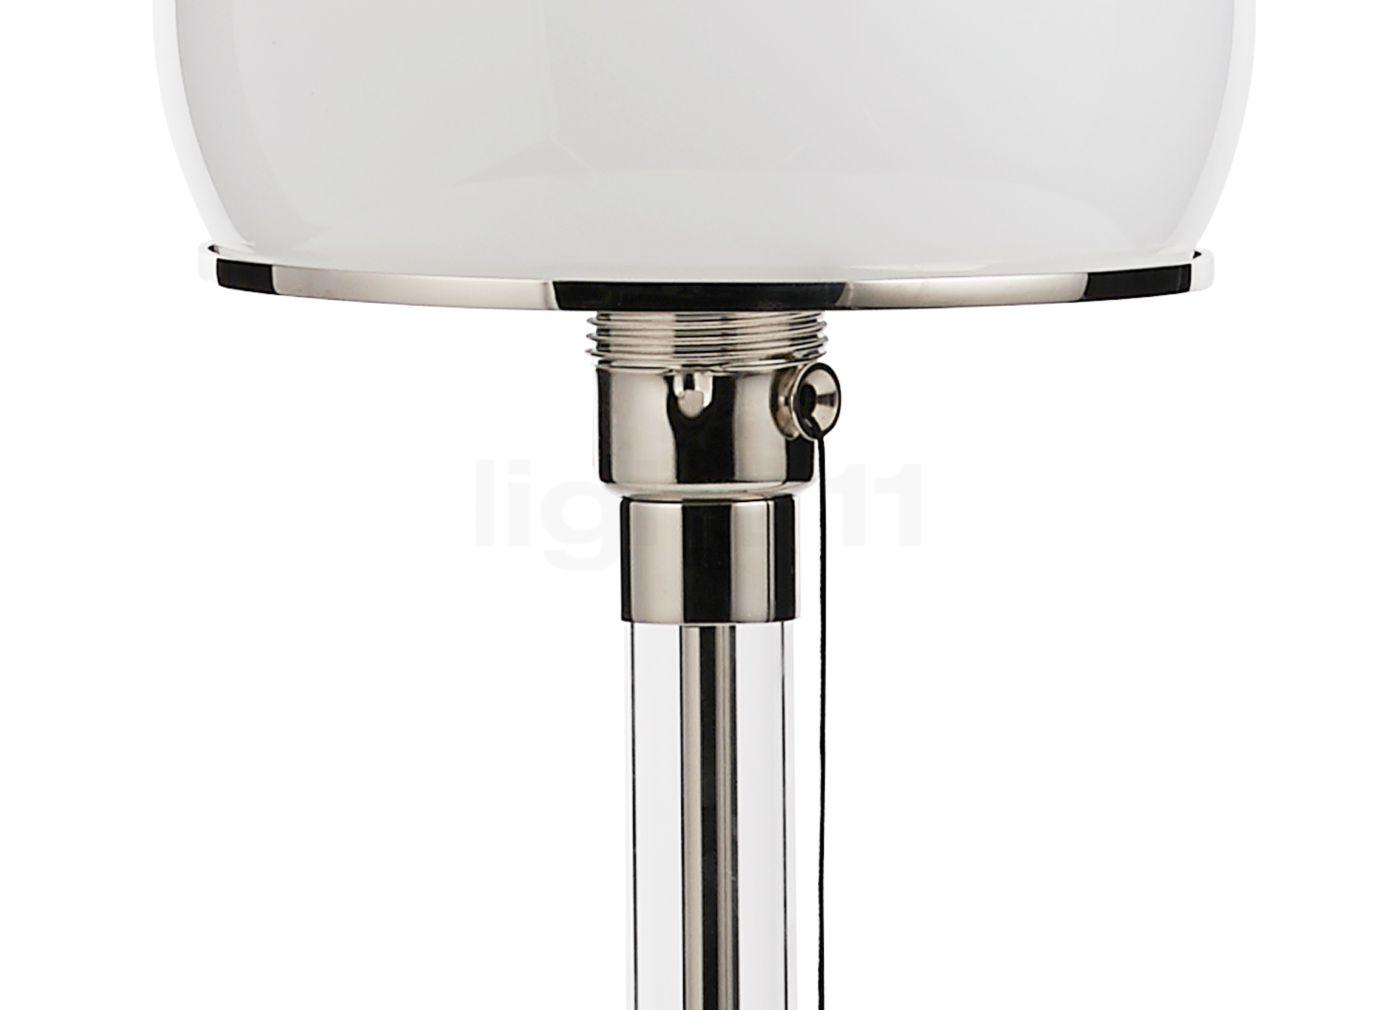 Moderigtigt Billige Lamper Bilka | Idemøbler Bordlampe MC61